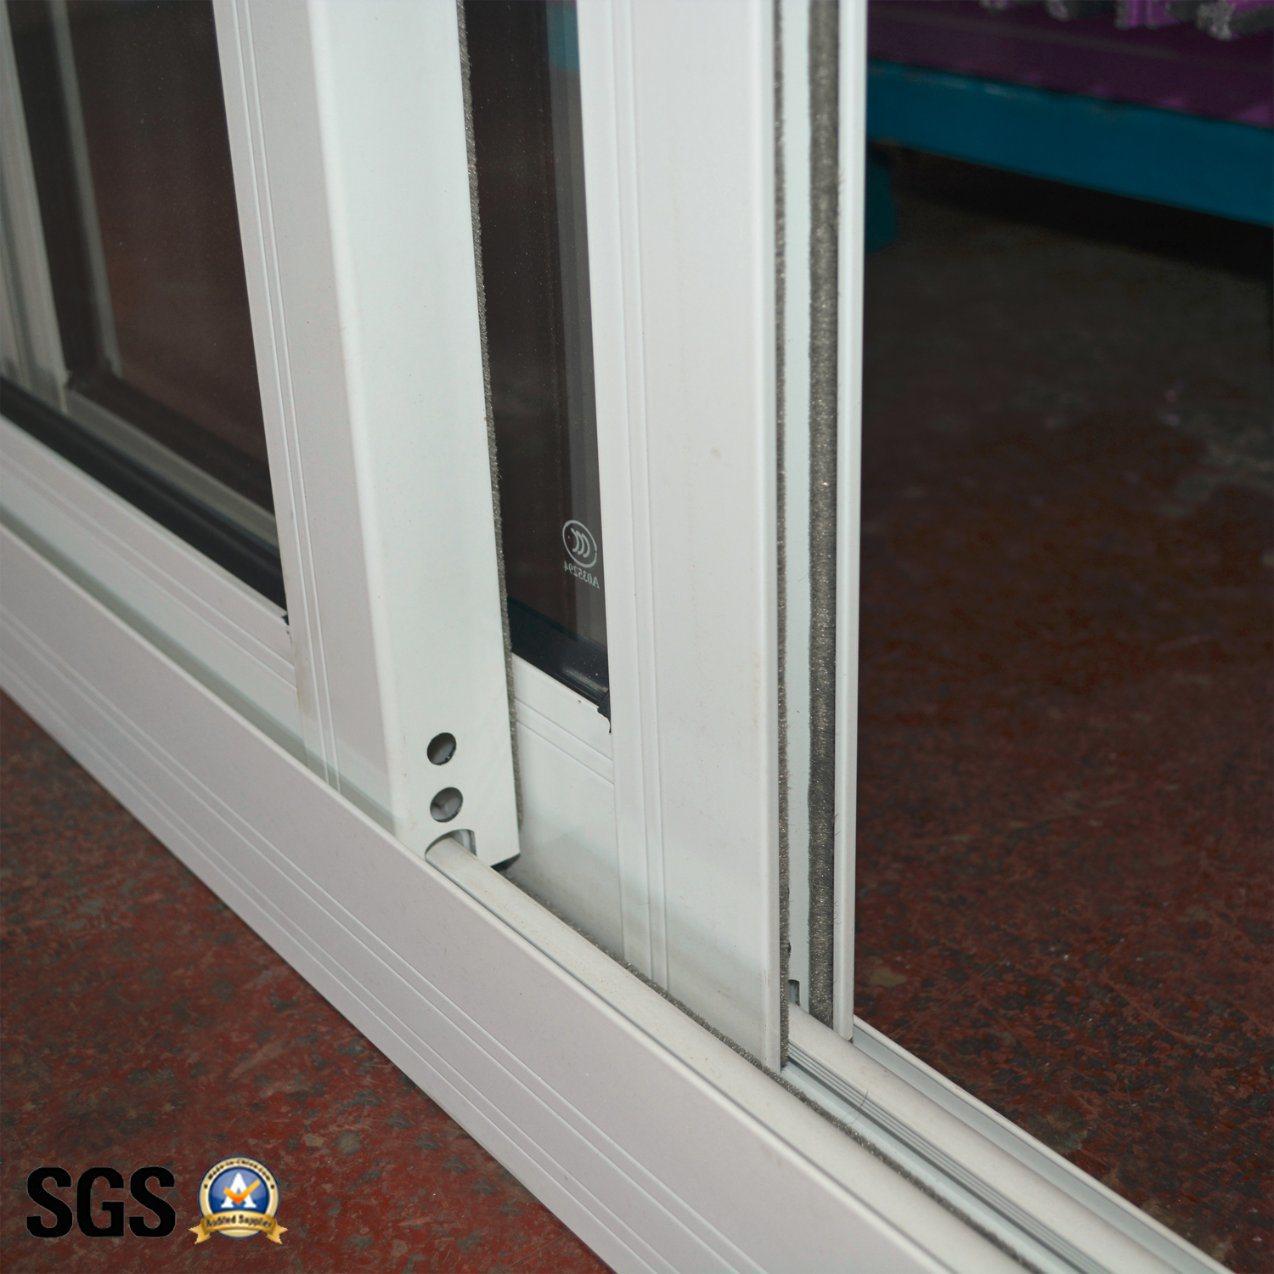 Powder Coated Andoized Surfacement Aluminum Sliding Window K01013